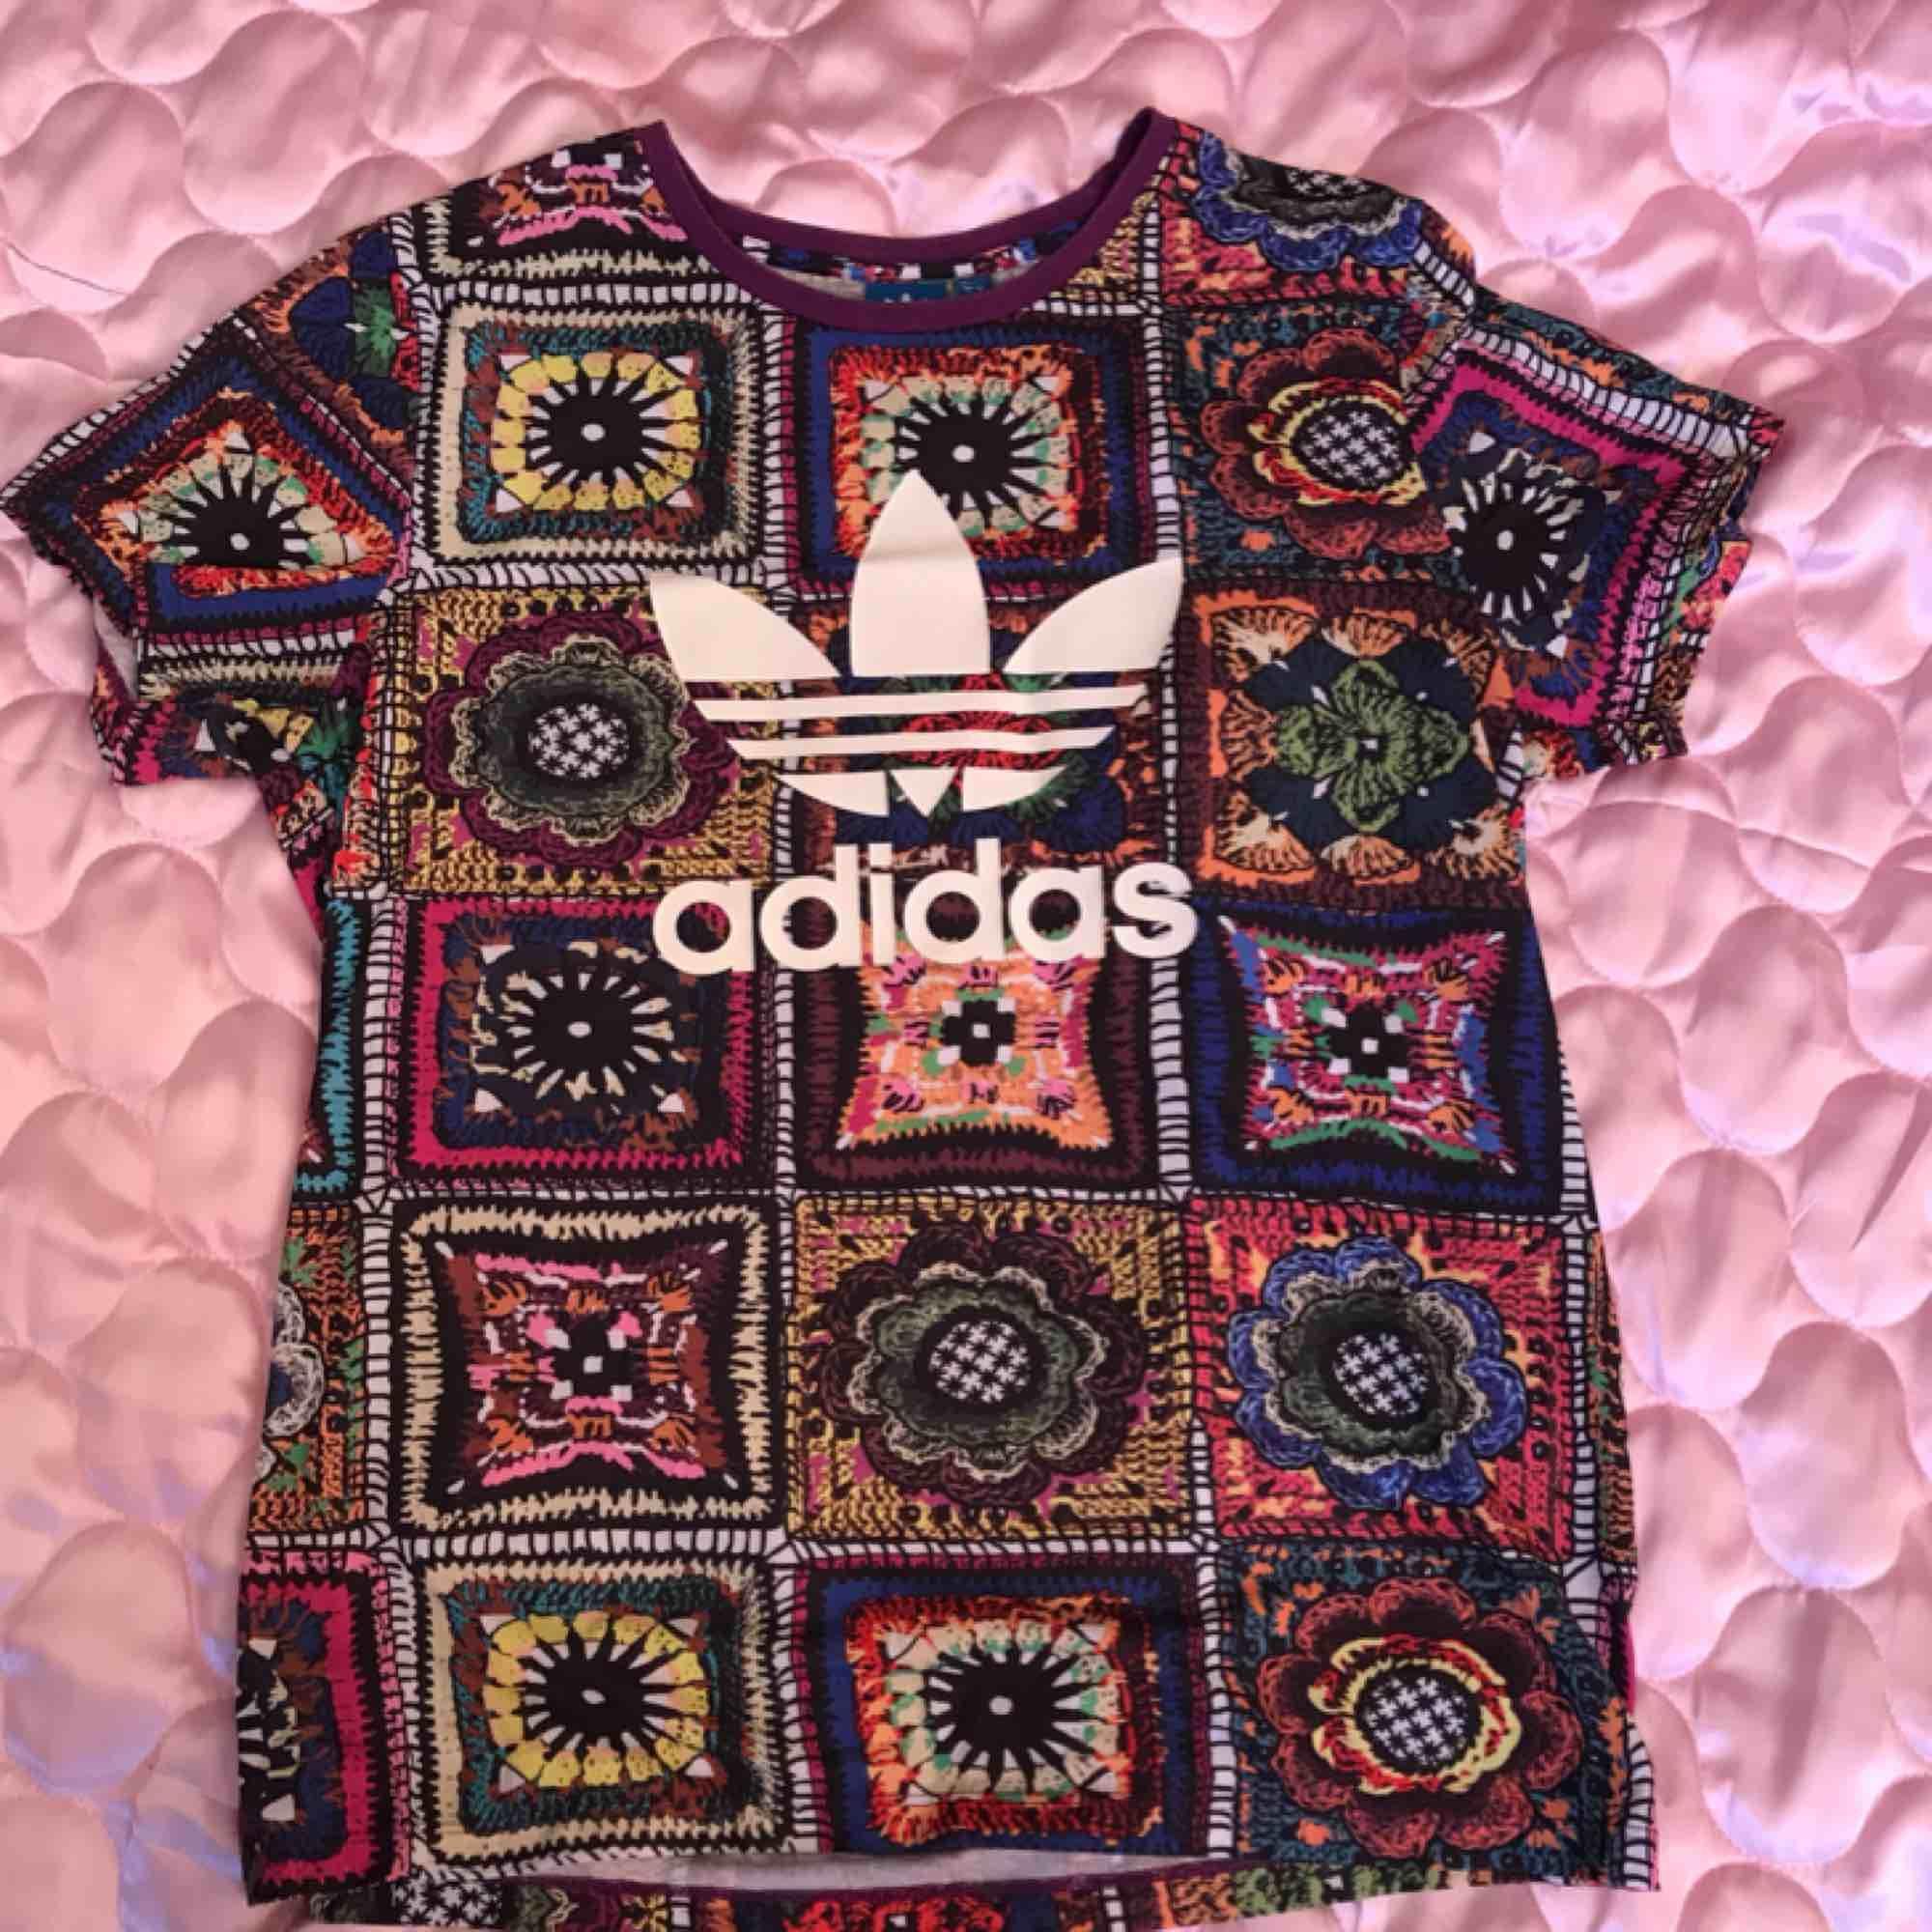 Adidas limited edition tränings T-shirt, tropiskt mönstrad, storlek M (man) nypris 369:-. Swisha 130:- (frakt ingår) så skickar jag via post asap 🌹💫 DMa för telnr å din adress. Xoxo . Huvtröjor & Träningströjor.